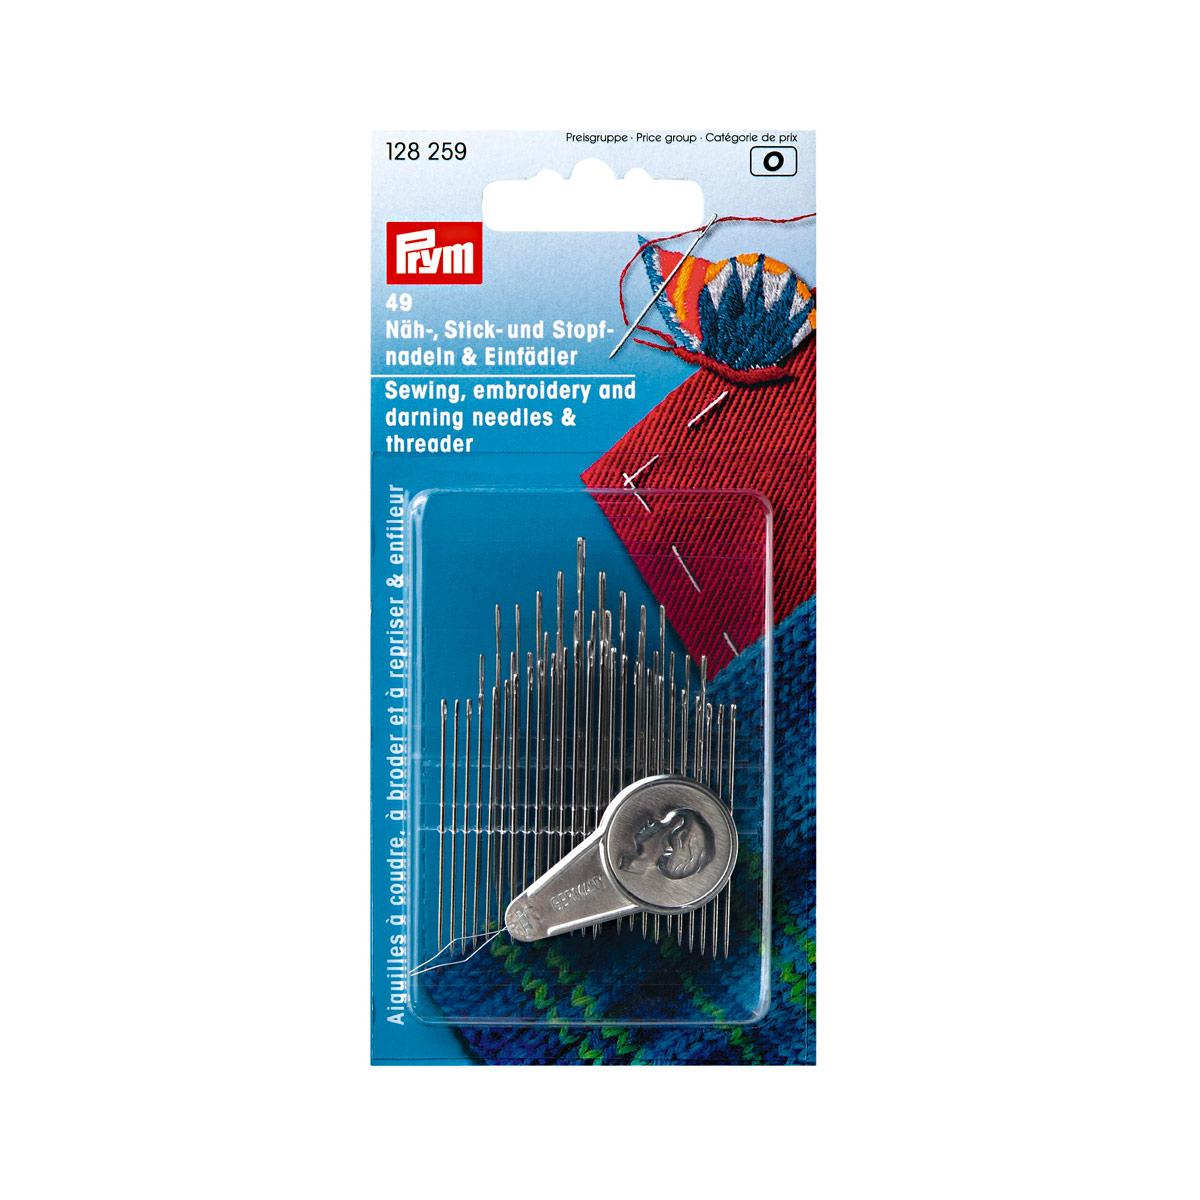 128259 Набор игл для шитья, вышивки и штопки с нитевдевателем (49 шт в) Prym